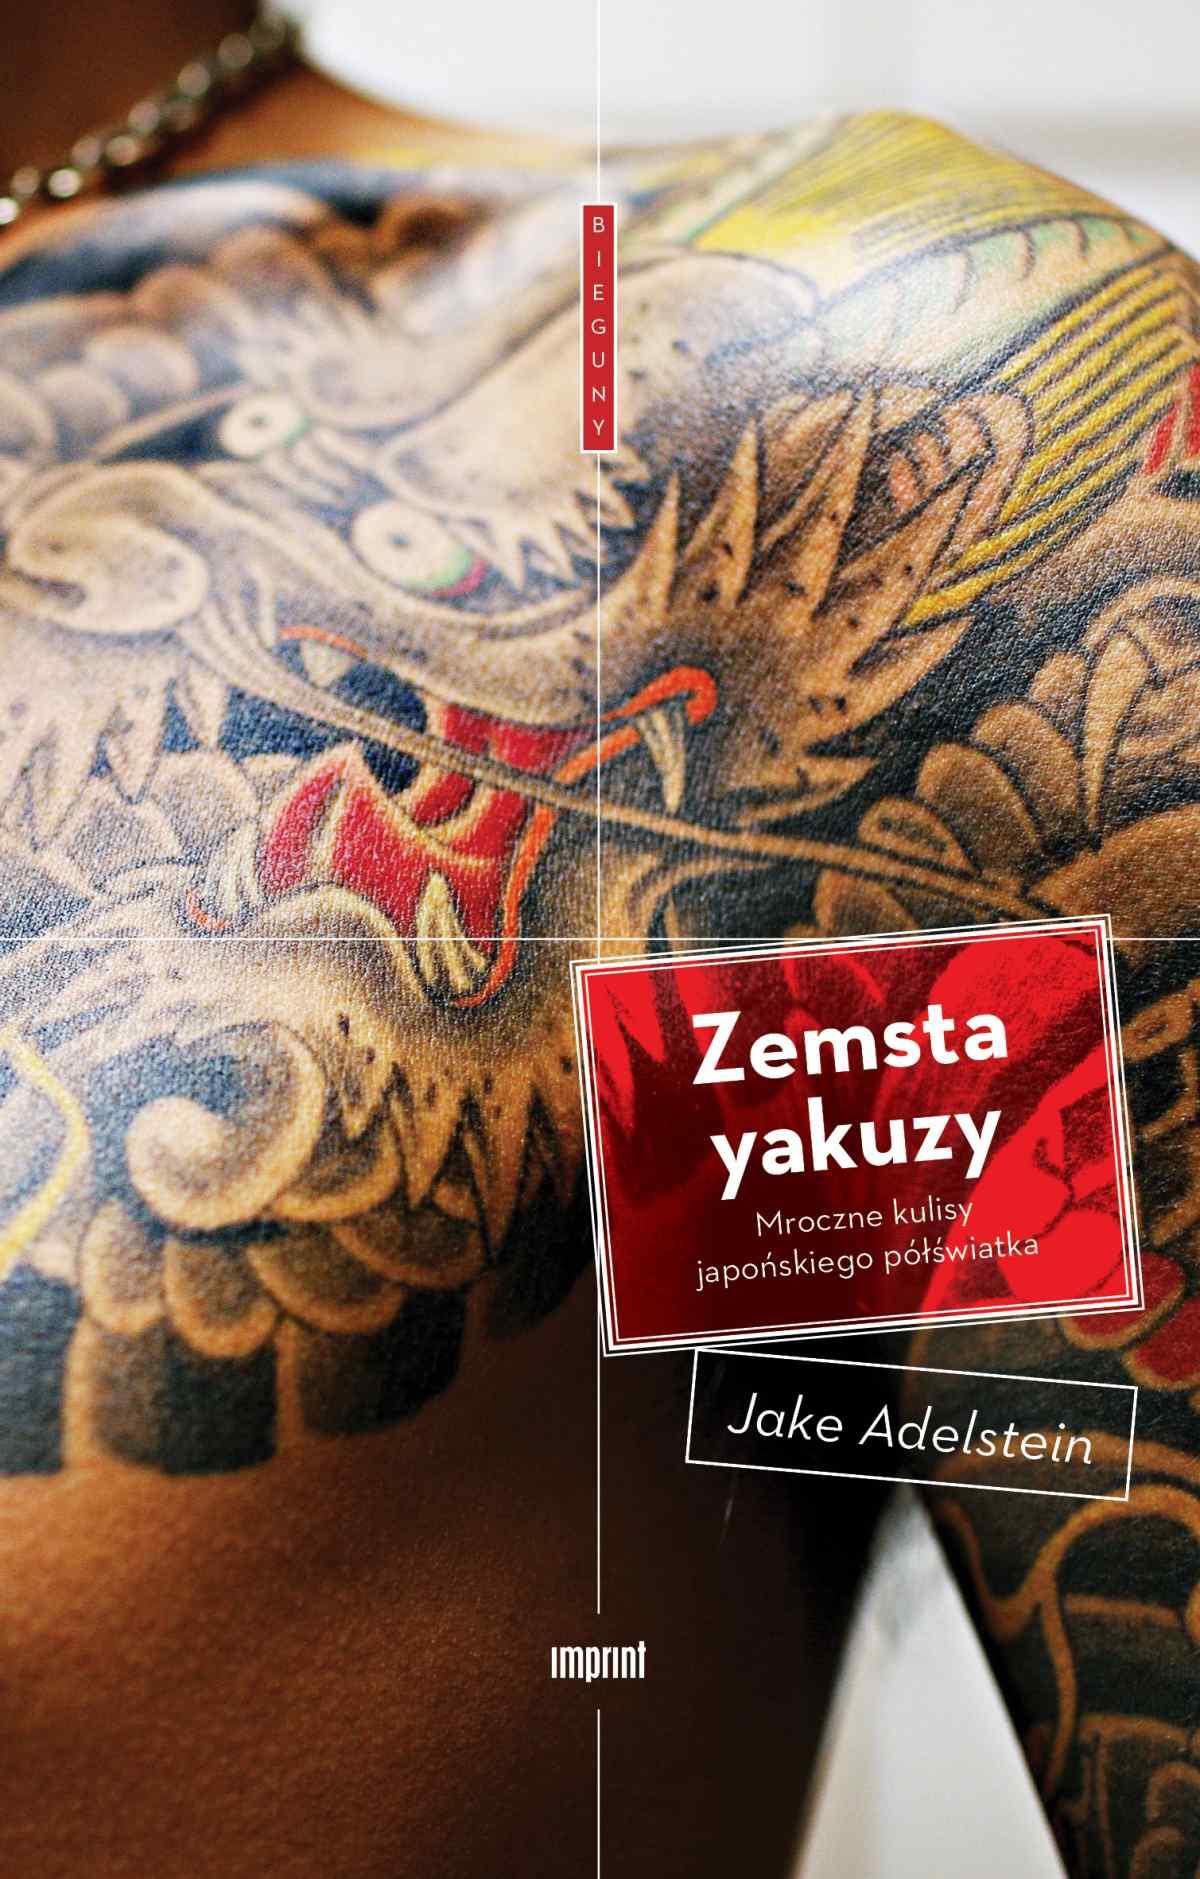 Zemsta yakuzy. Mroczne kulisy japońskiego półświatka - Ebook (Książka EPUB) do pobrania w formacie EPUB